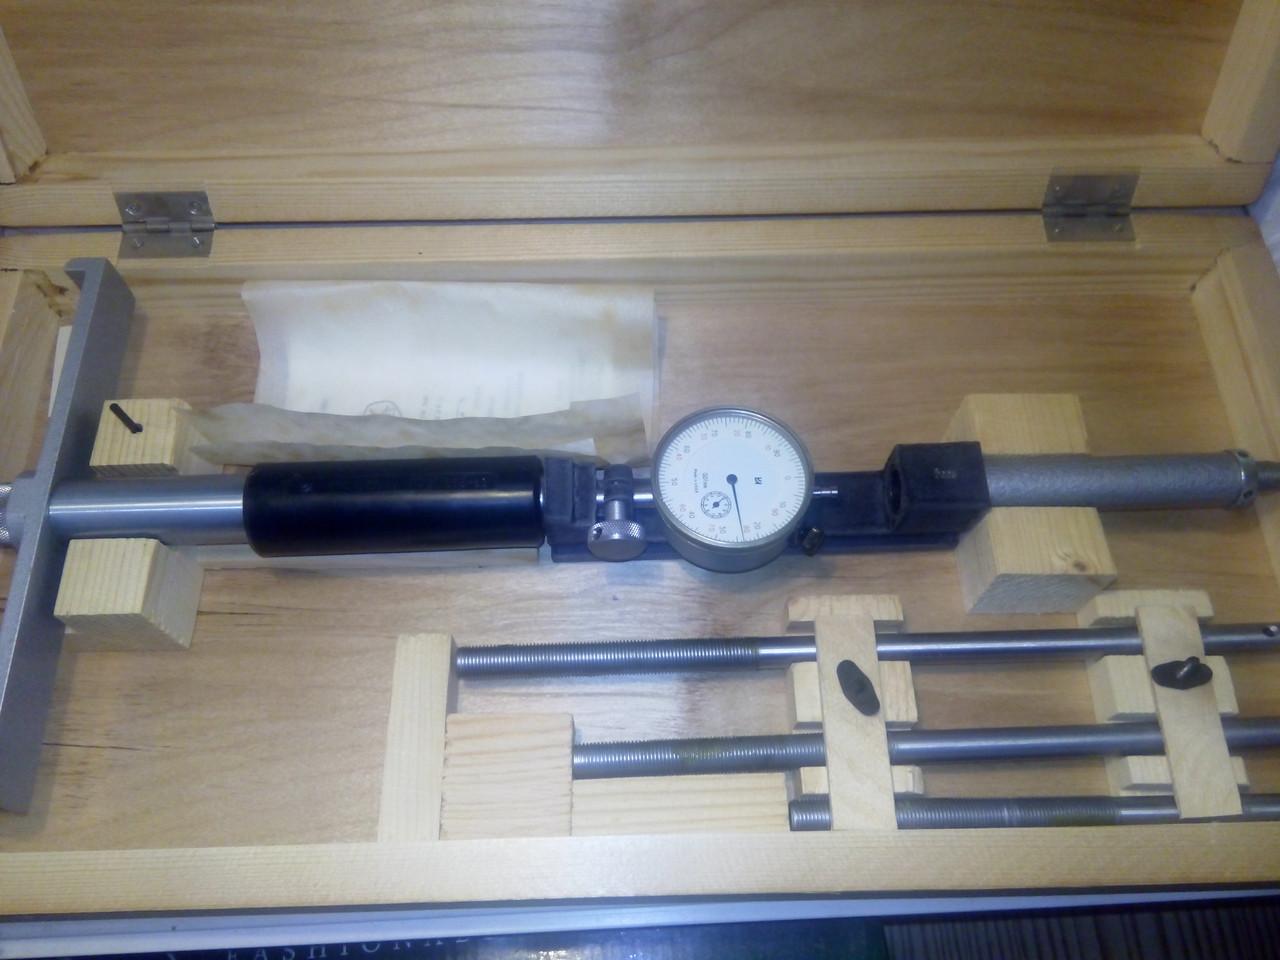 Нутромер НИ 450-700 ГОСТ 868-82 (возможна калибровка  в УкрЦСМ)